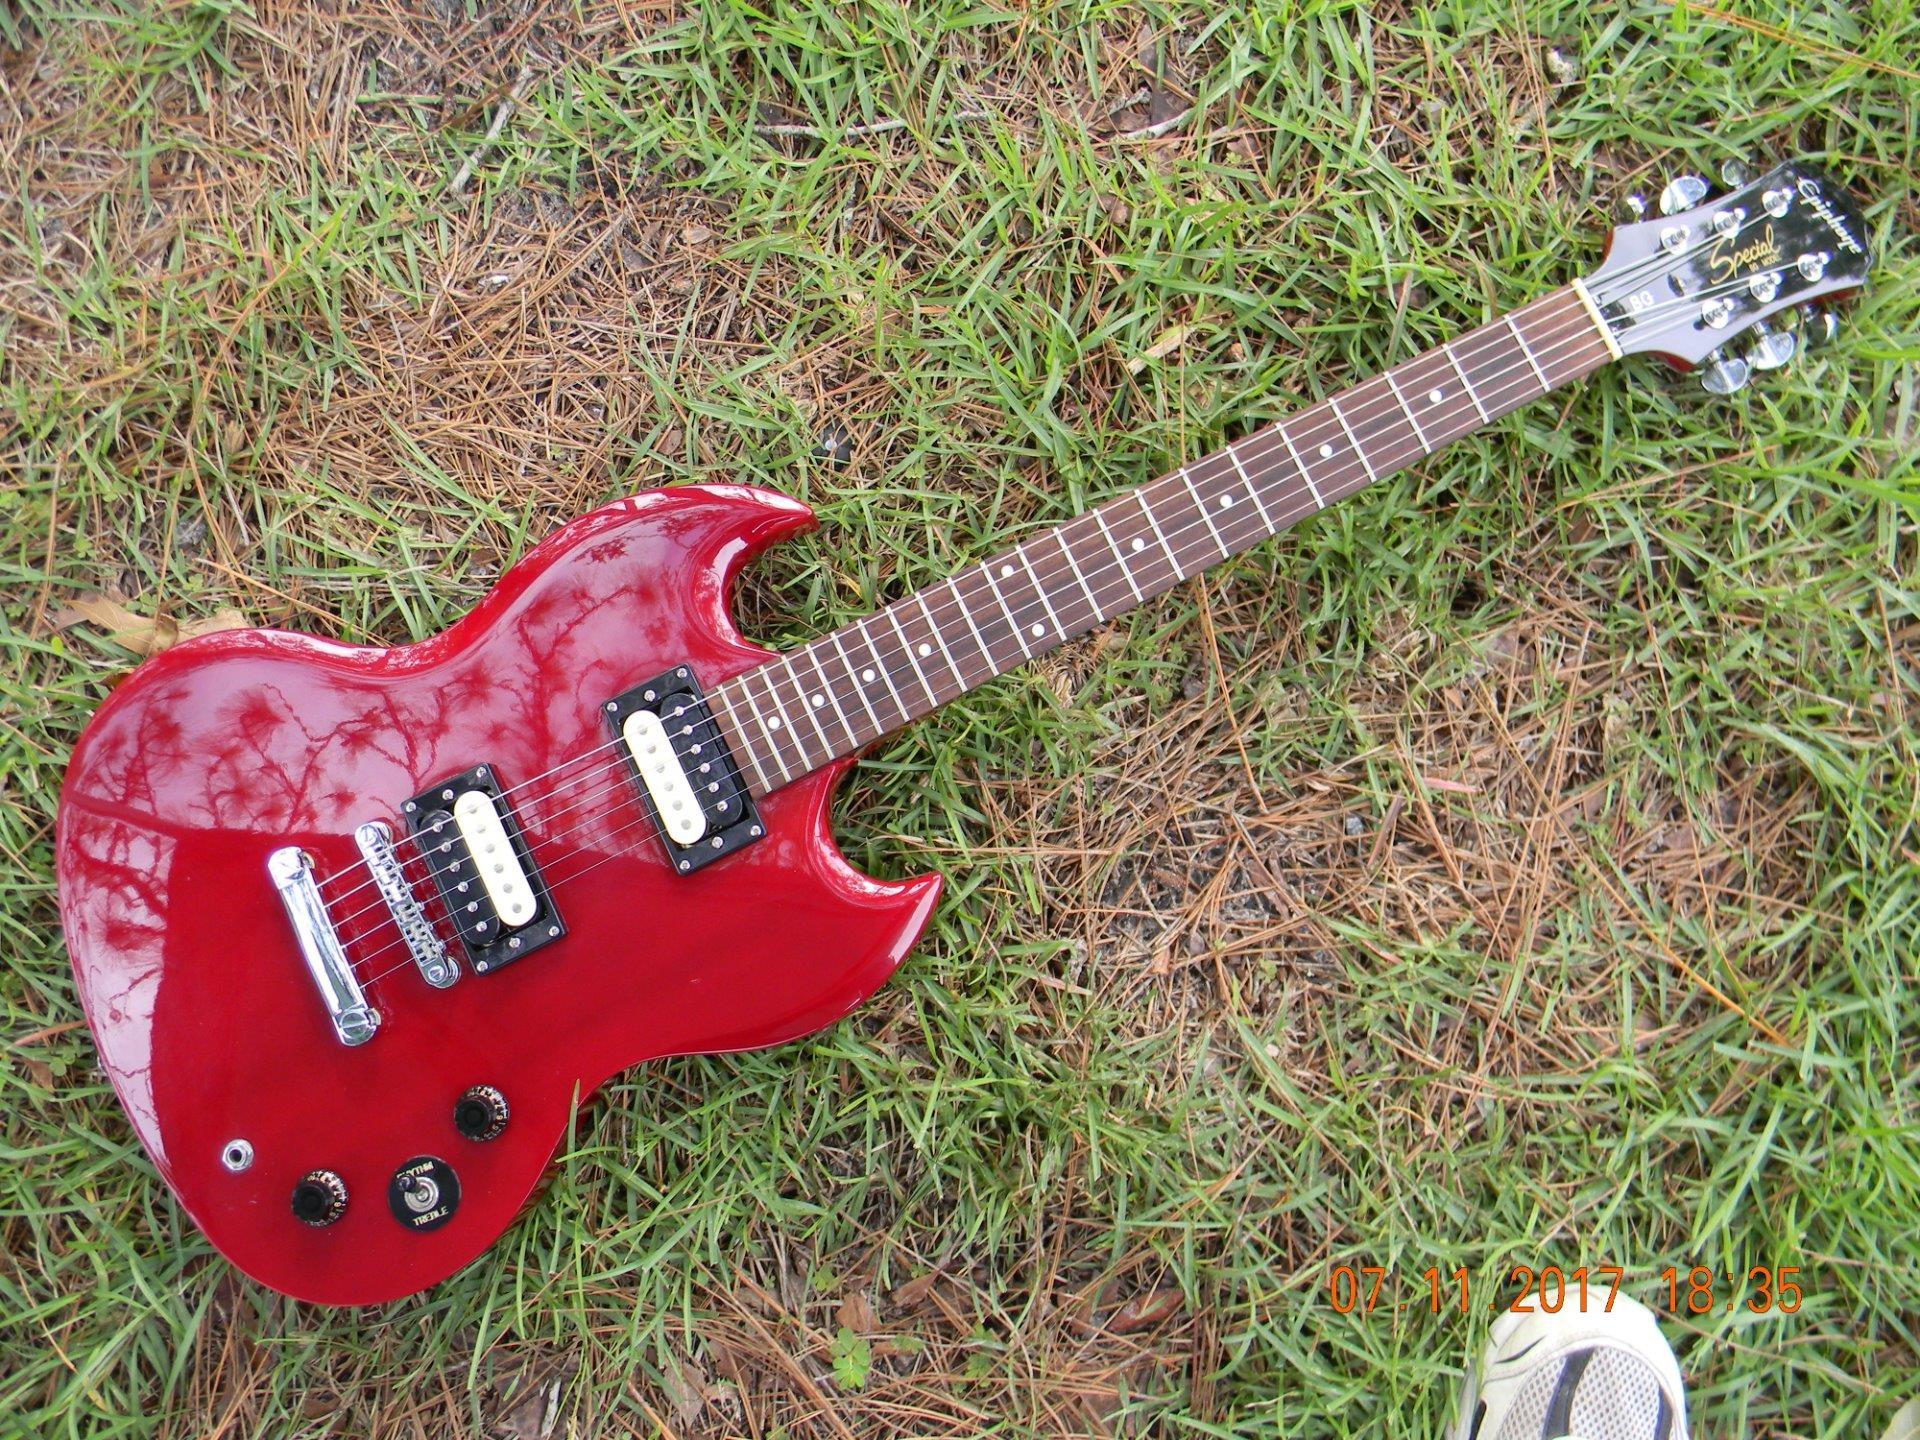 epiphone sg special electric guitar hot hmv zebra pickups tuners upgrades ebay. Black Bedroom Furniture Sets. Home Design Ideas